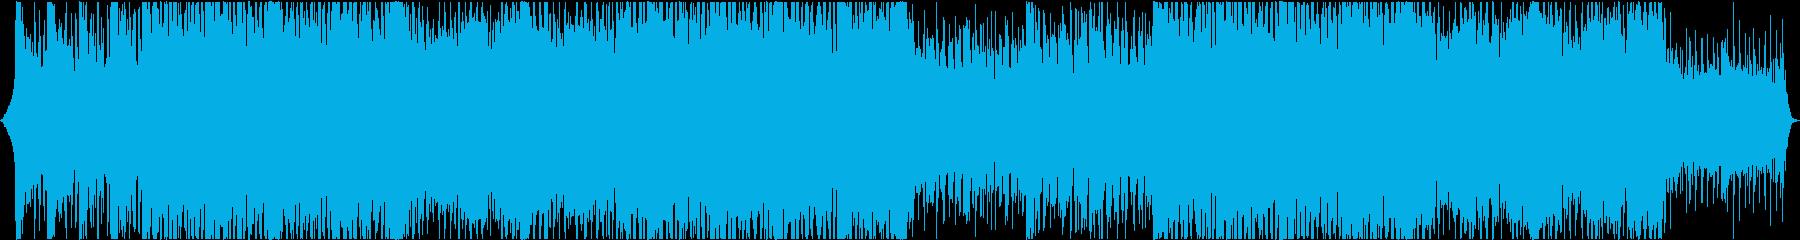 和風のシネマティックなインストの再生済みの波形